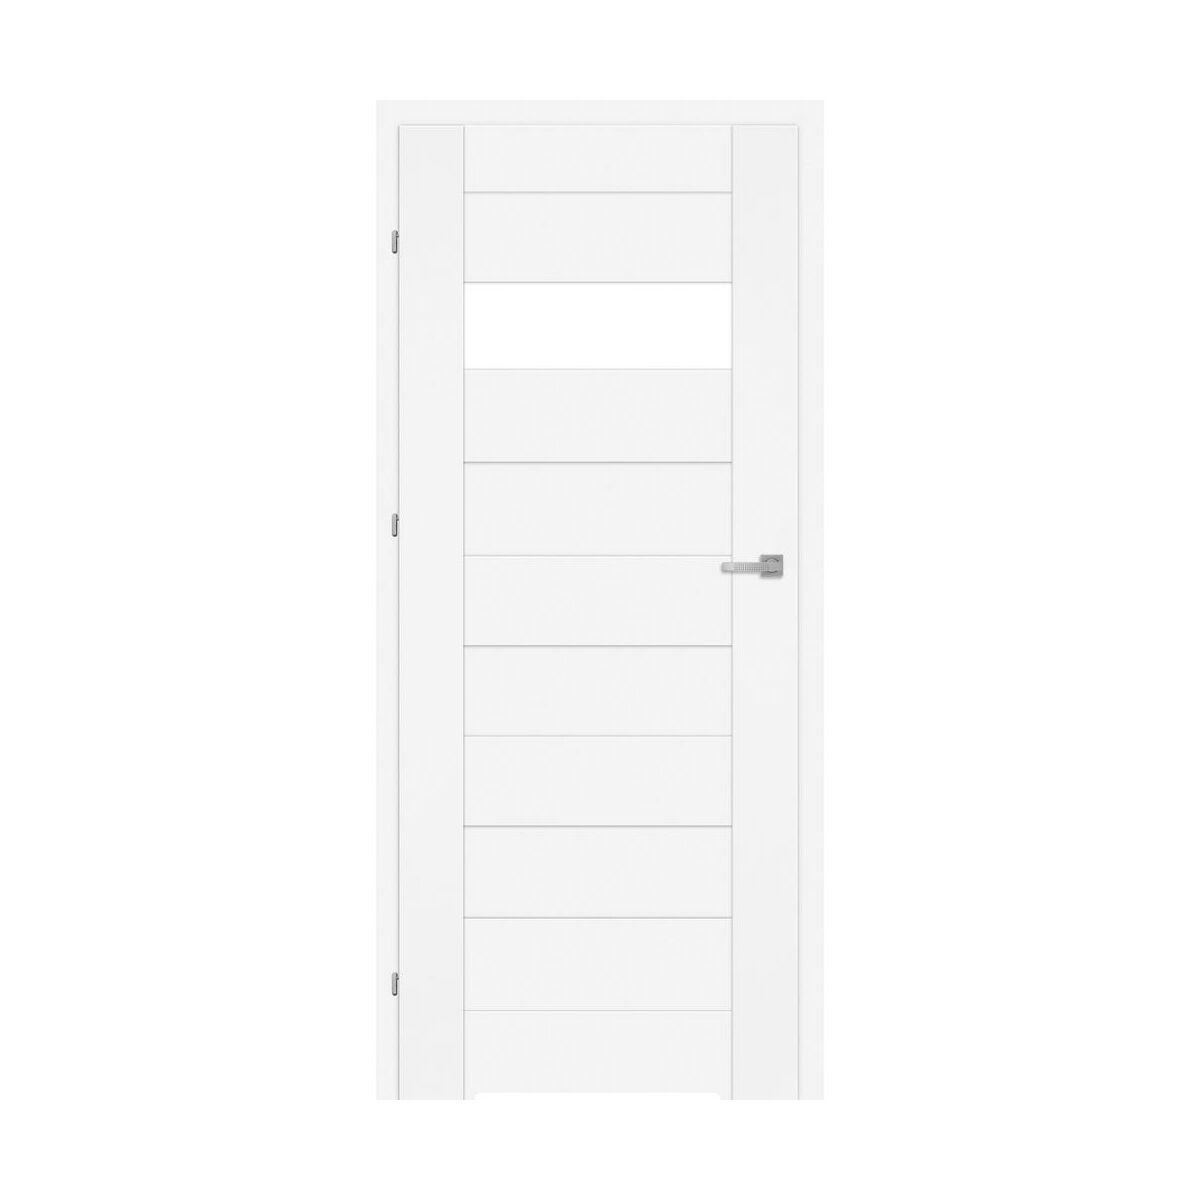 Skrzydlo Drzwiowe Z Podcieciem Wentylacyjnym Lora Biale 90 Lewe Classen Drzwi Wewnetrzne W Atrakcyjnej Cenie W Sklepach Leroy Merlin